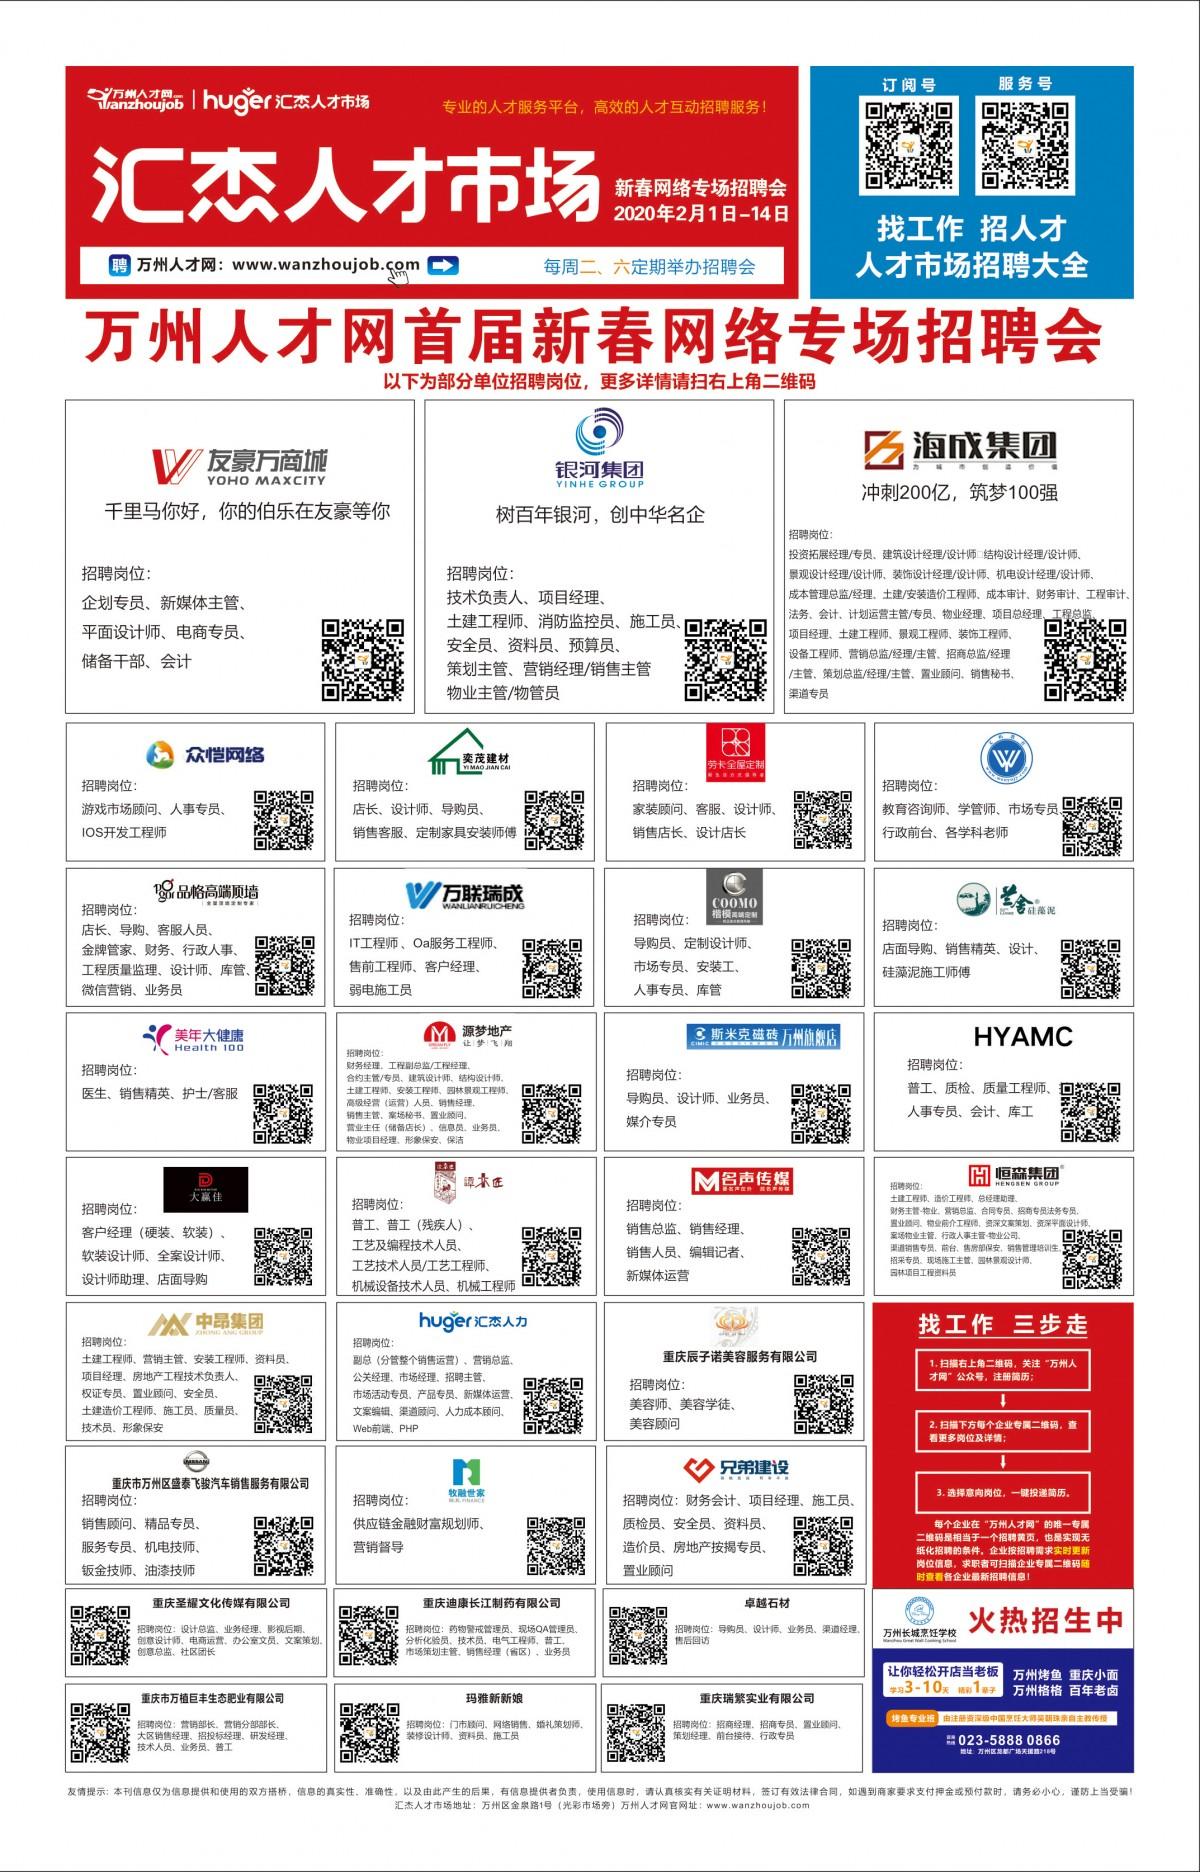 万州人才网首届新春网络专场招聘会——招聘明细